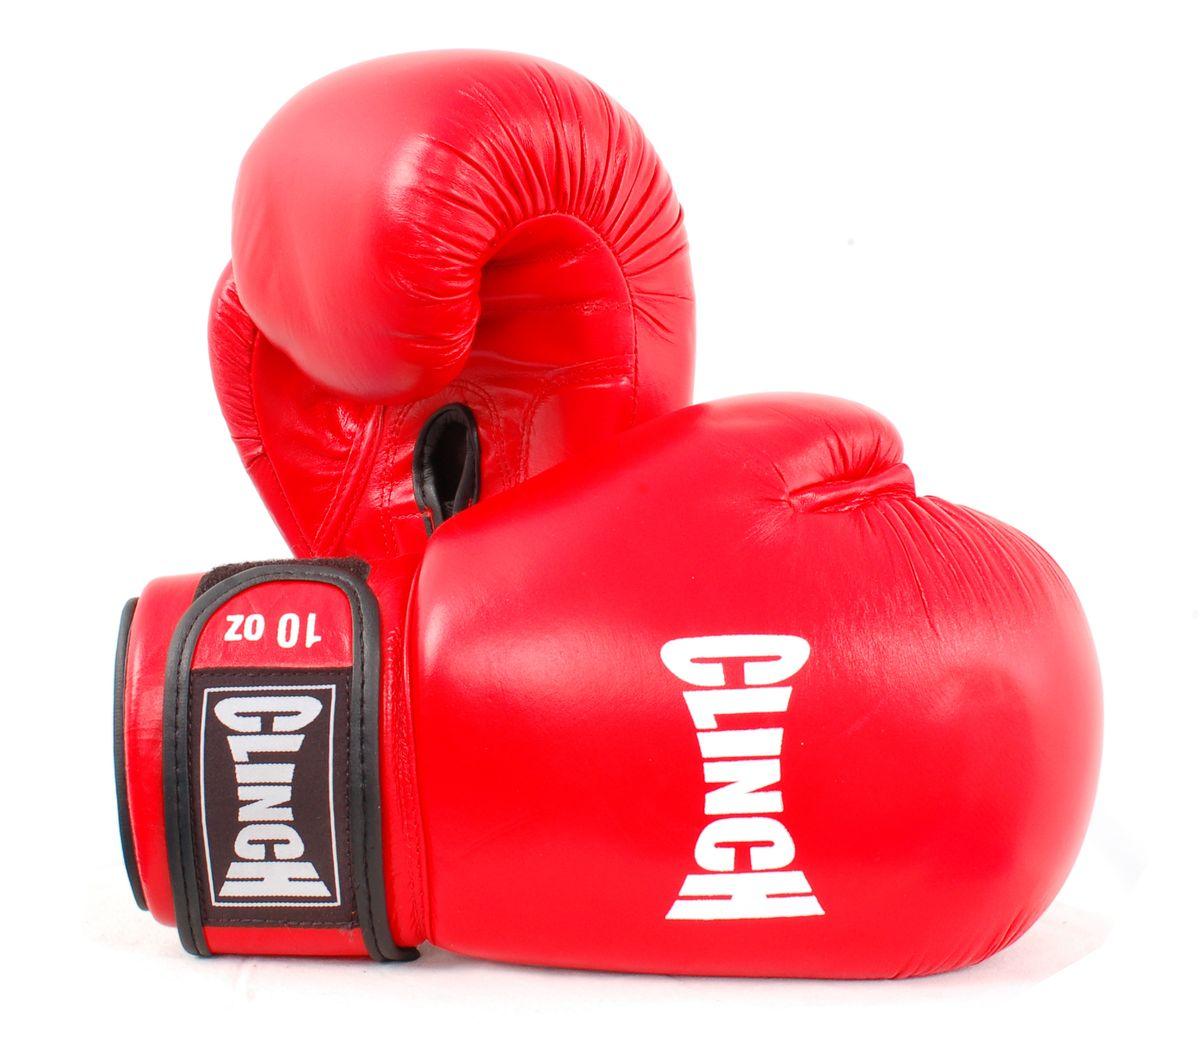 Перчатки боксерские Clinch, цвет: красный, 10 унций. C228CMR-2076Боксерские перчатки Clinch идеально подойдут для соревнований, боев и спаррингов. Перчатки выполнены из высококачественной натуральной кожи с инжекционным литым вкладышем, смягчающим силу удара и дополнительно защищающим руку. На тыльной стороне перчаток предусмотрены отверстия для вентиляции. Большой палец соединен с перчаткой небольшой плотной перемычкой. Перчатки прочно фиксируются на запястье широкой манжетой на липучке, что гарантирует быстроту и удобство одевания.